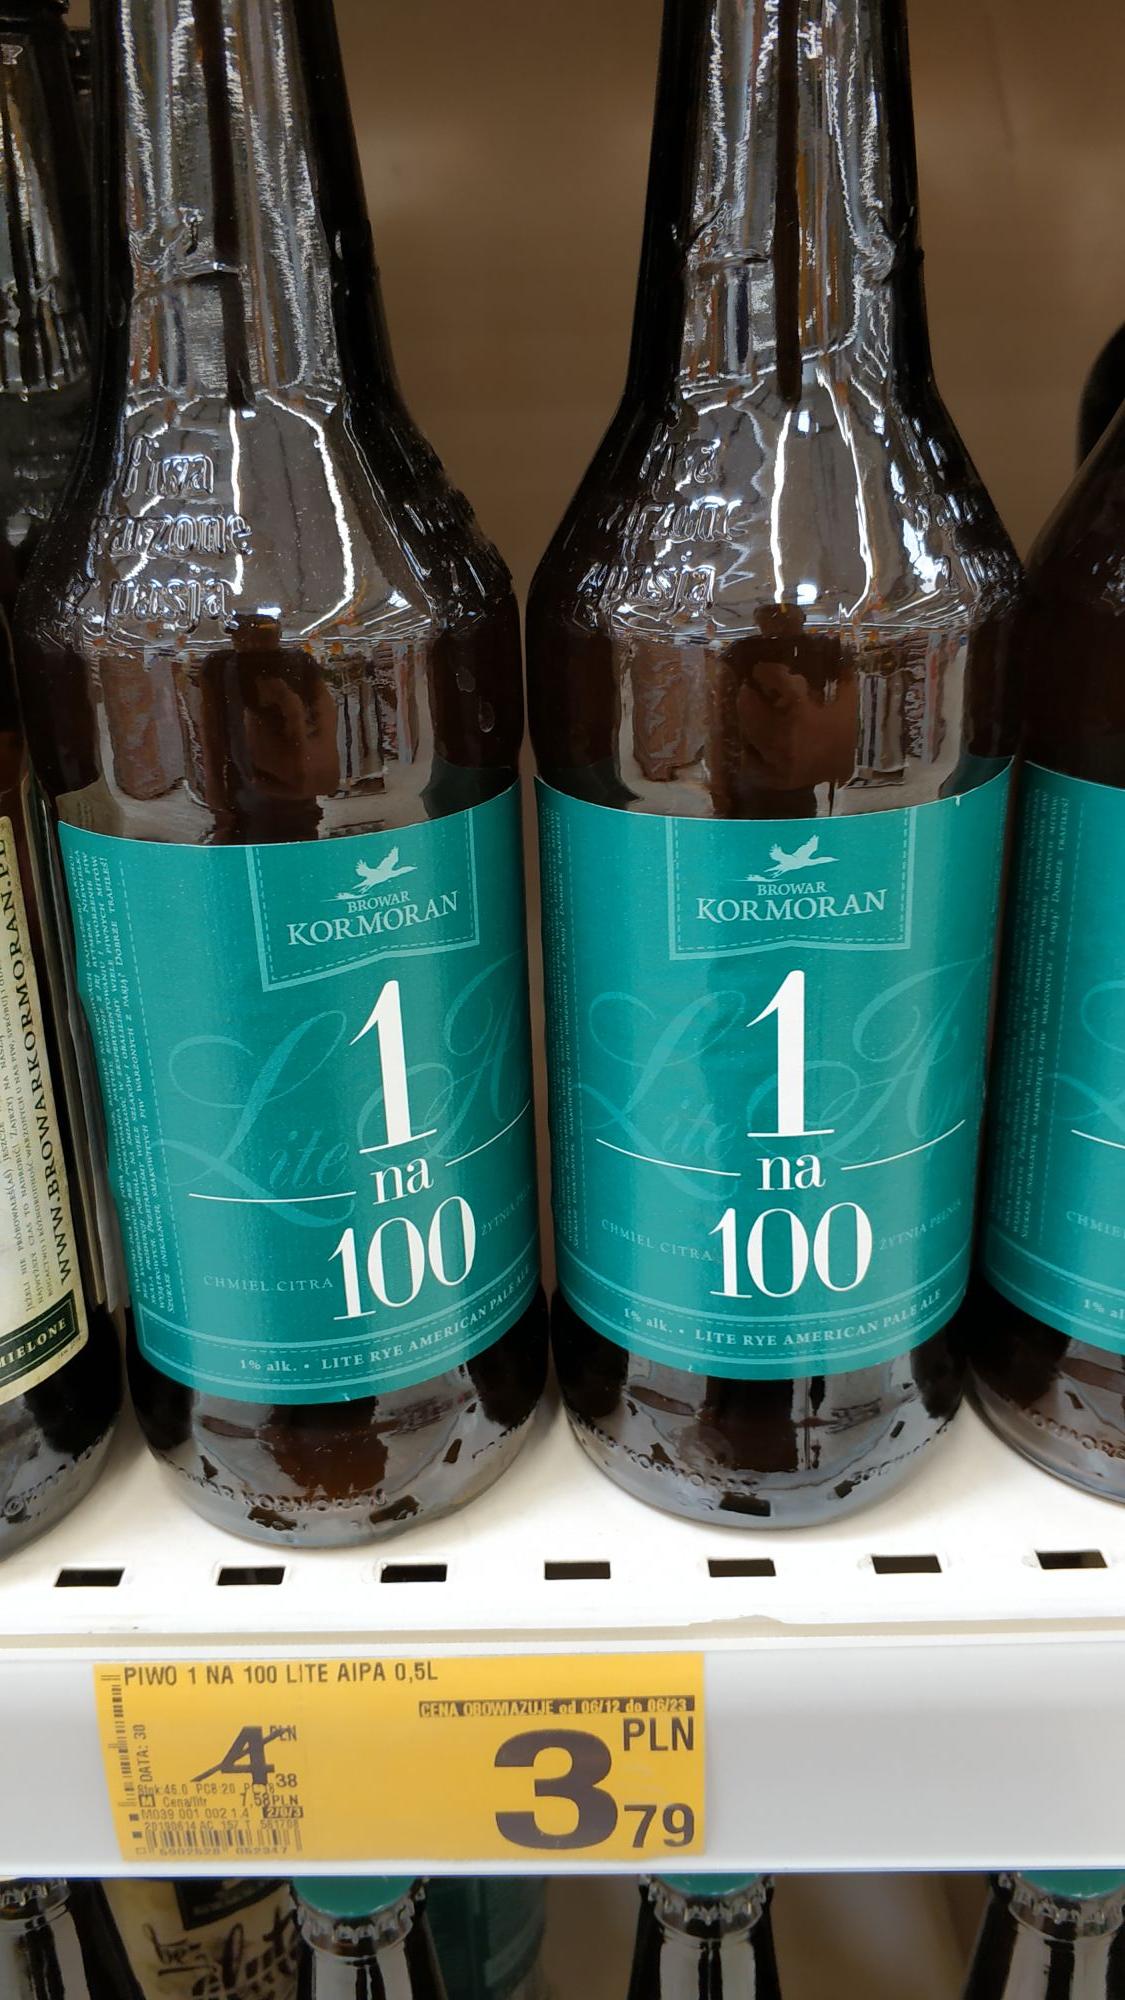 Piwo 1 na 100 Lite APA Kormoran 500ml - Auchan.